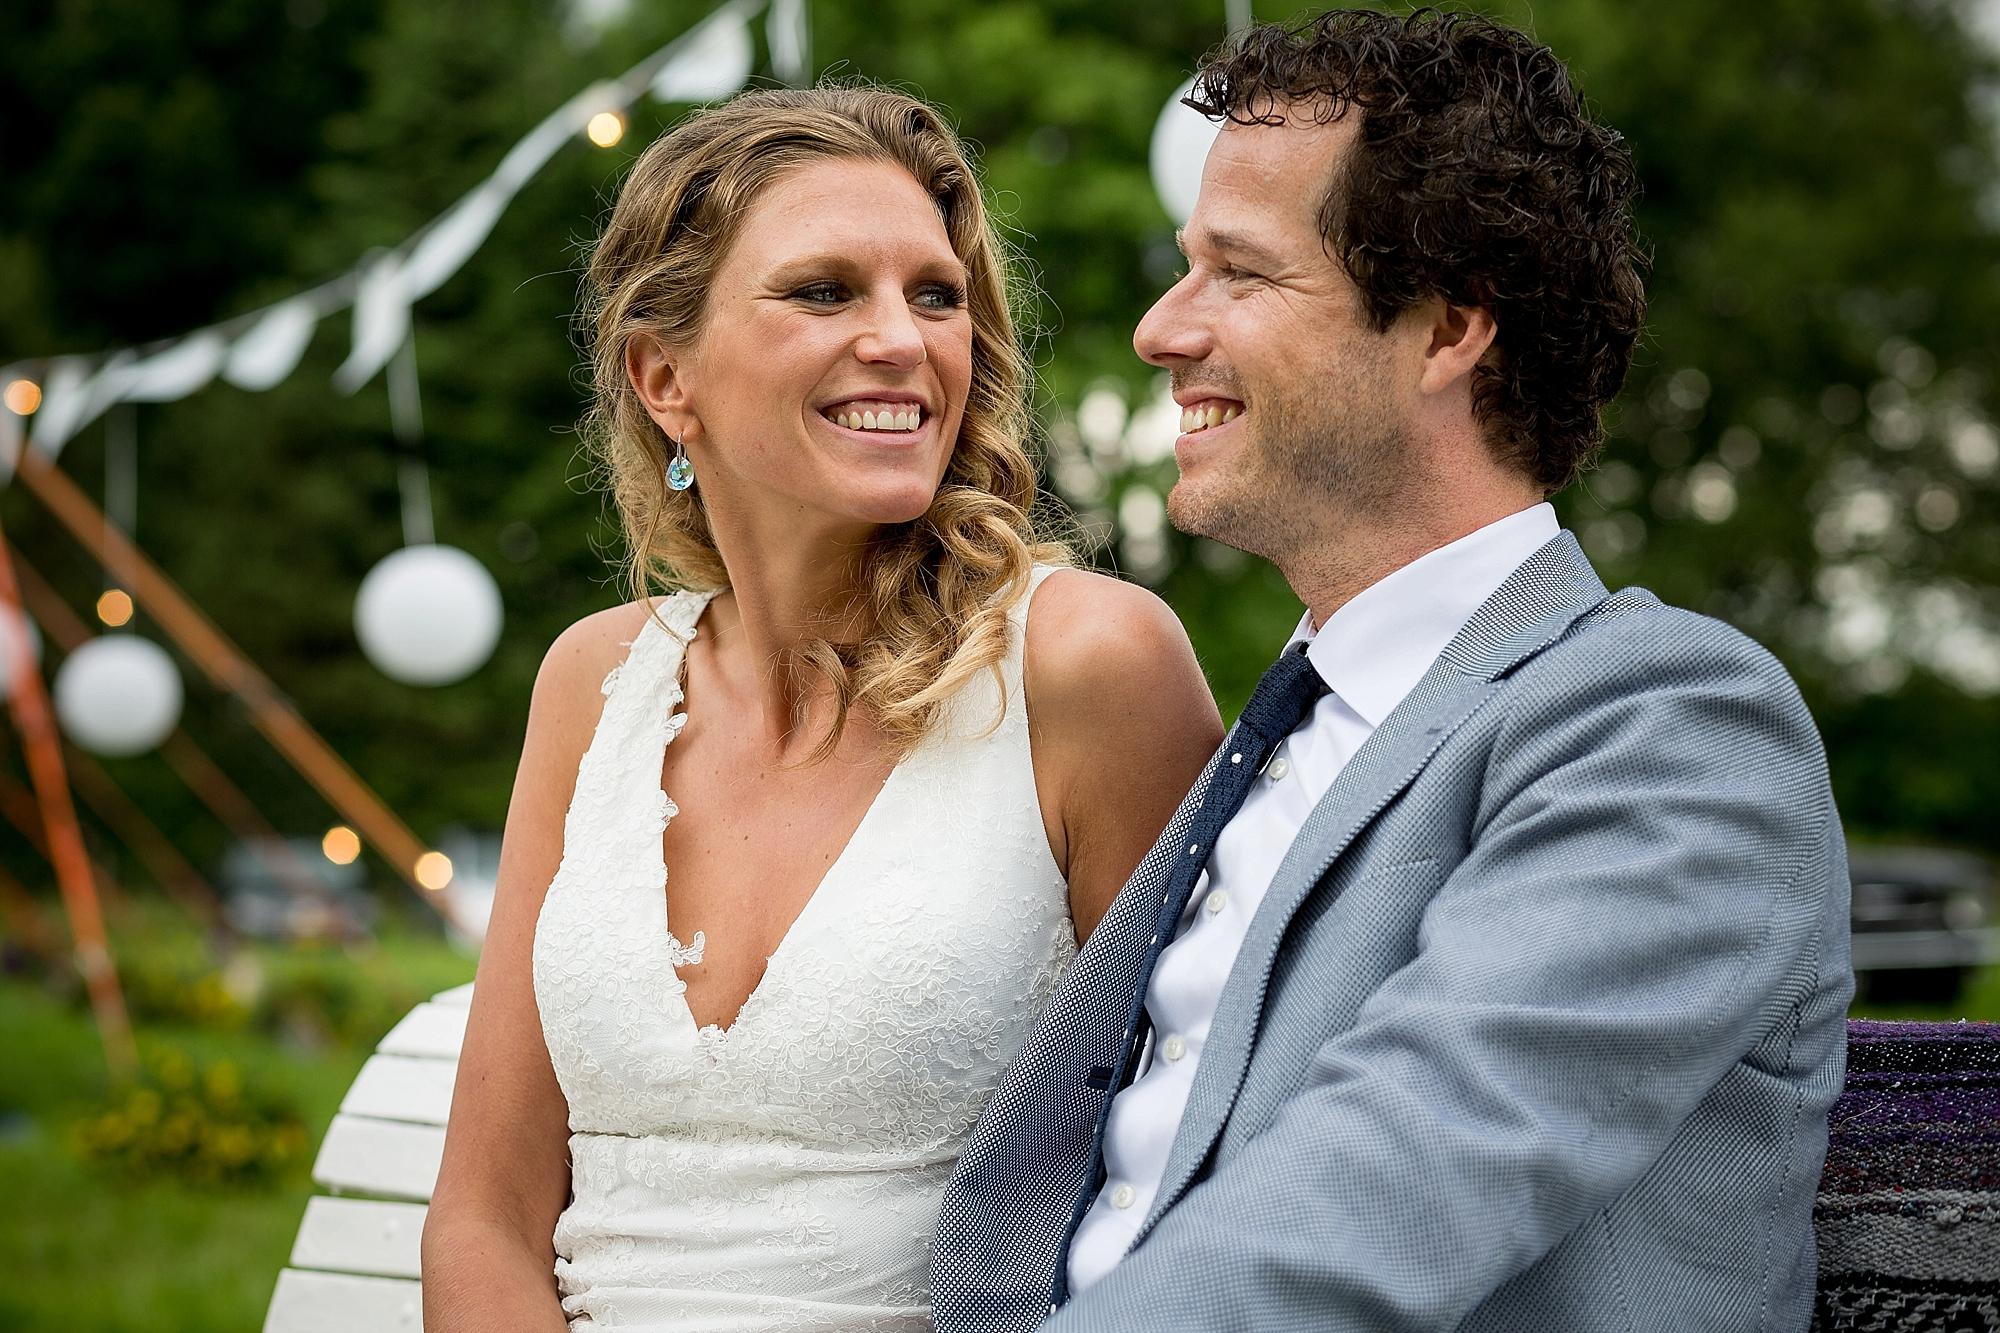 bruidsfotograaf-brabant-trouwen-in-het-bos-festivalbruiloft-vught-haaren_0088.jpg